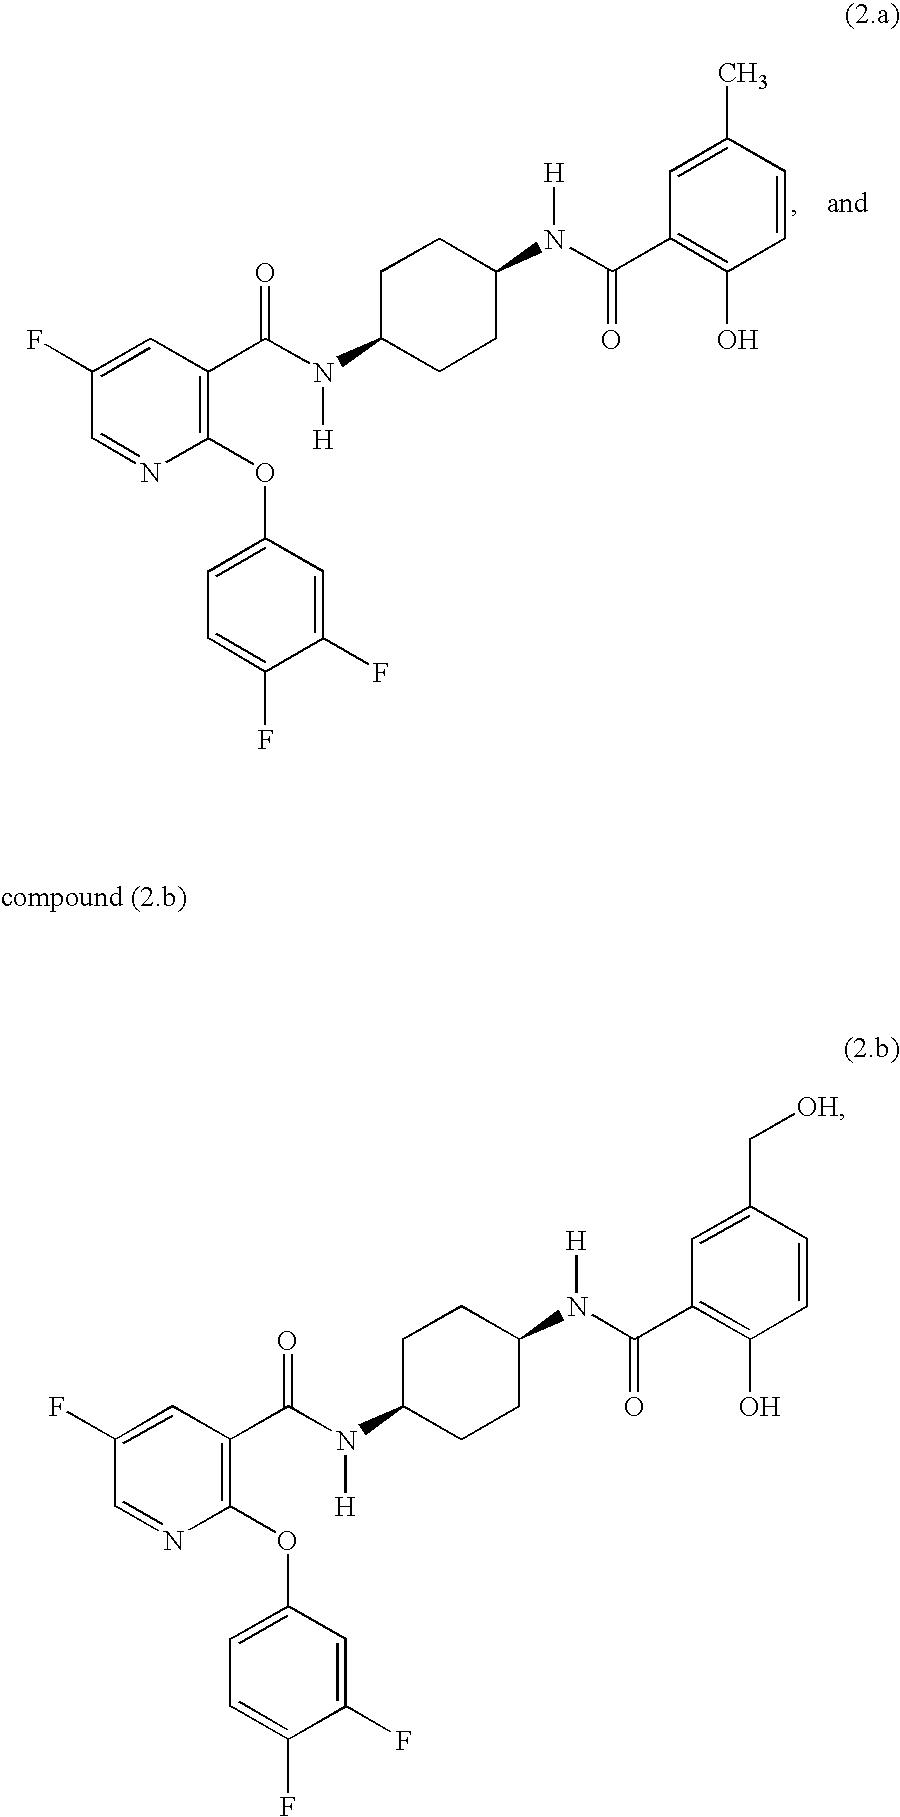 Figure US20050026886A1-20050203-C00004